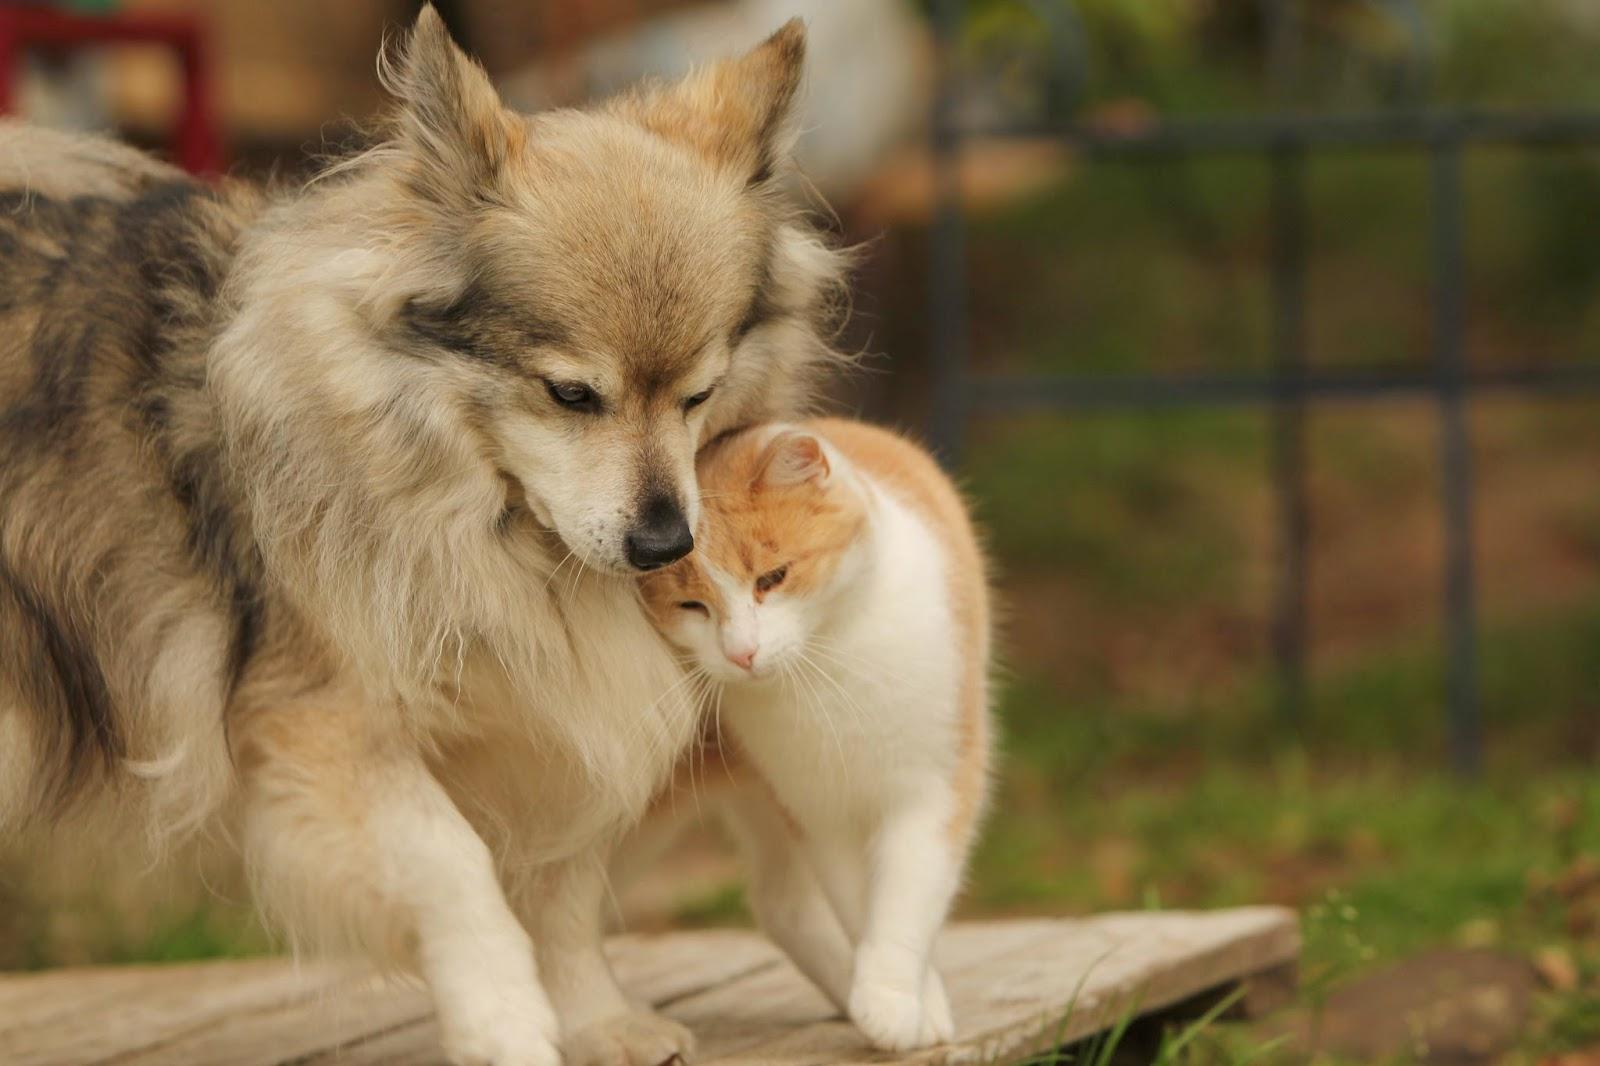 Toimittaja / valokuvaaja Nina Salonen: Kissa ja sen koira